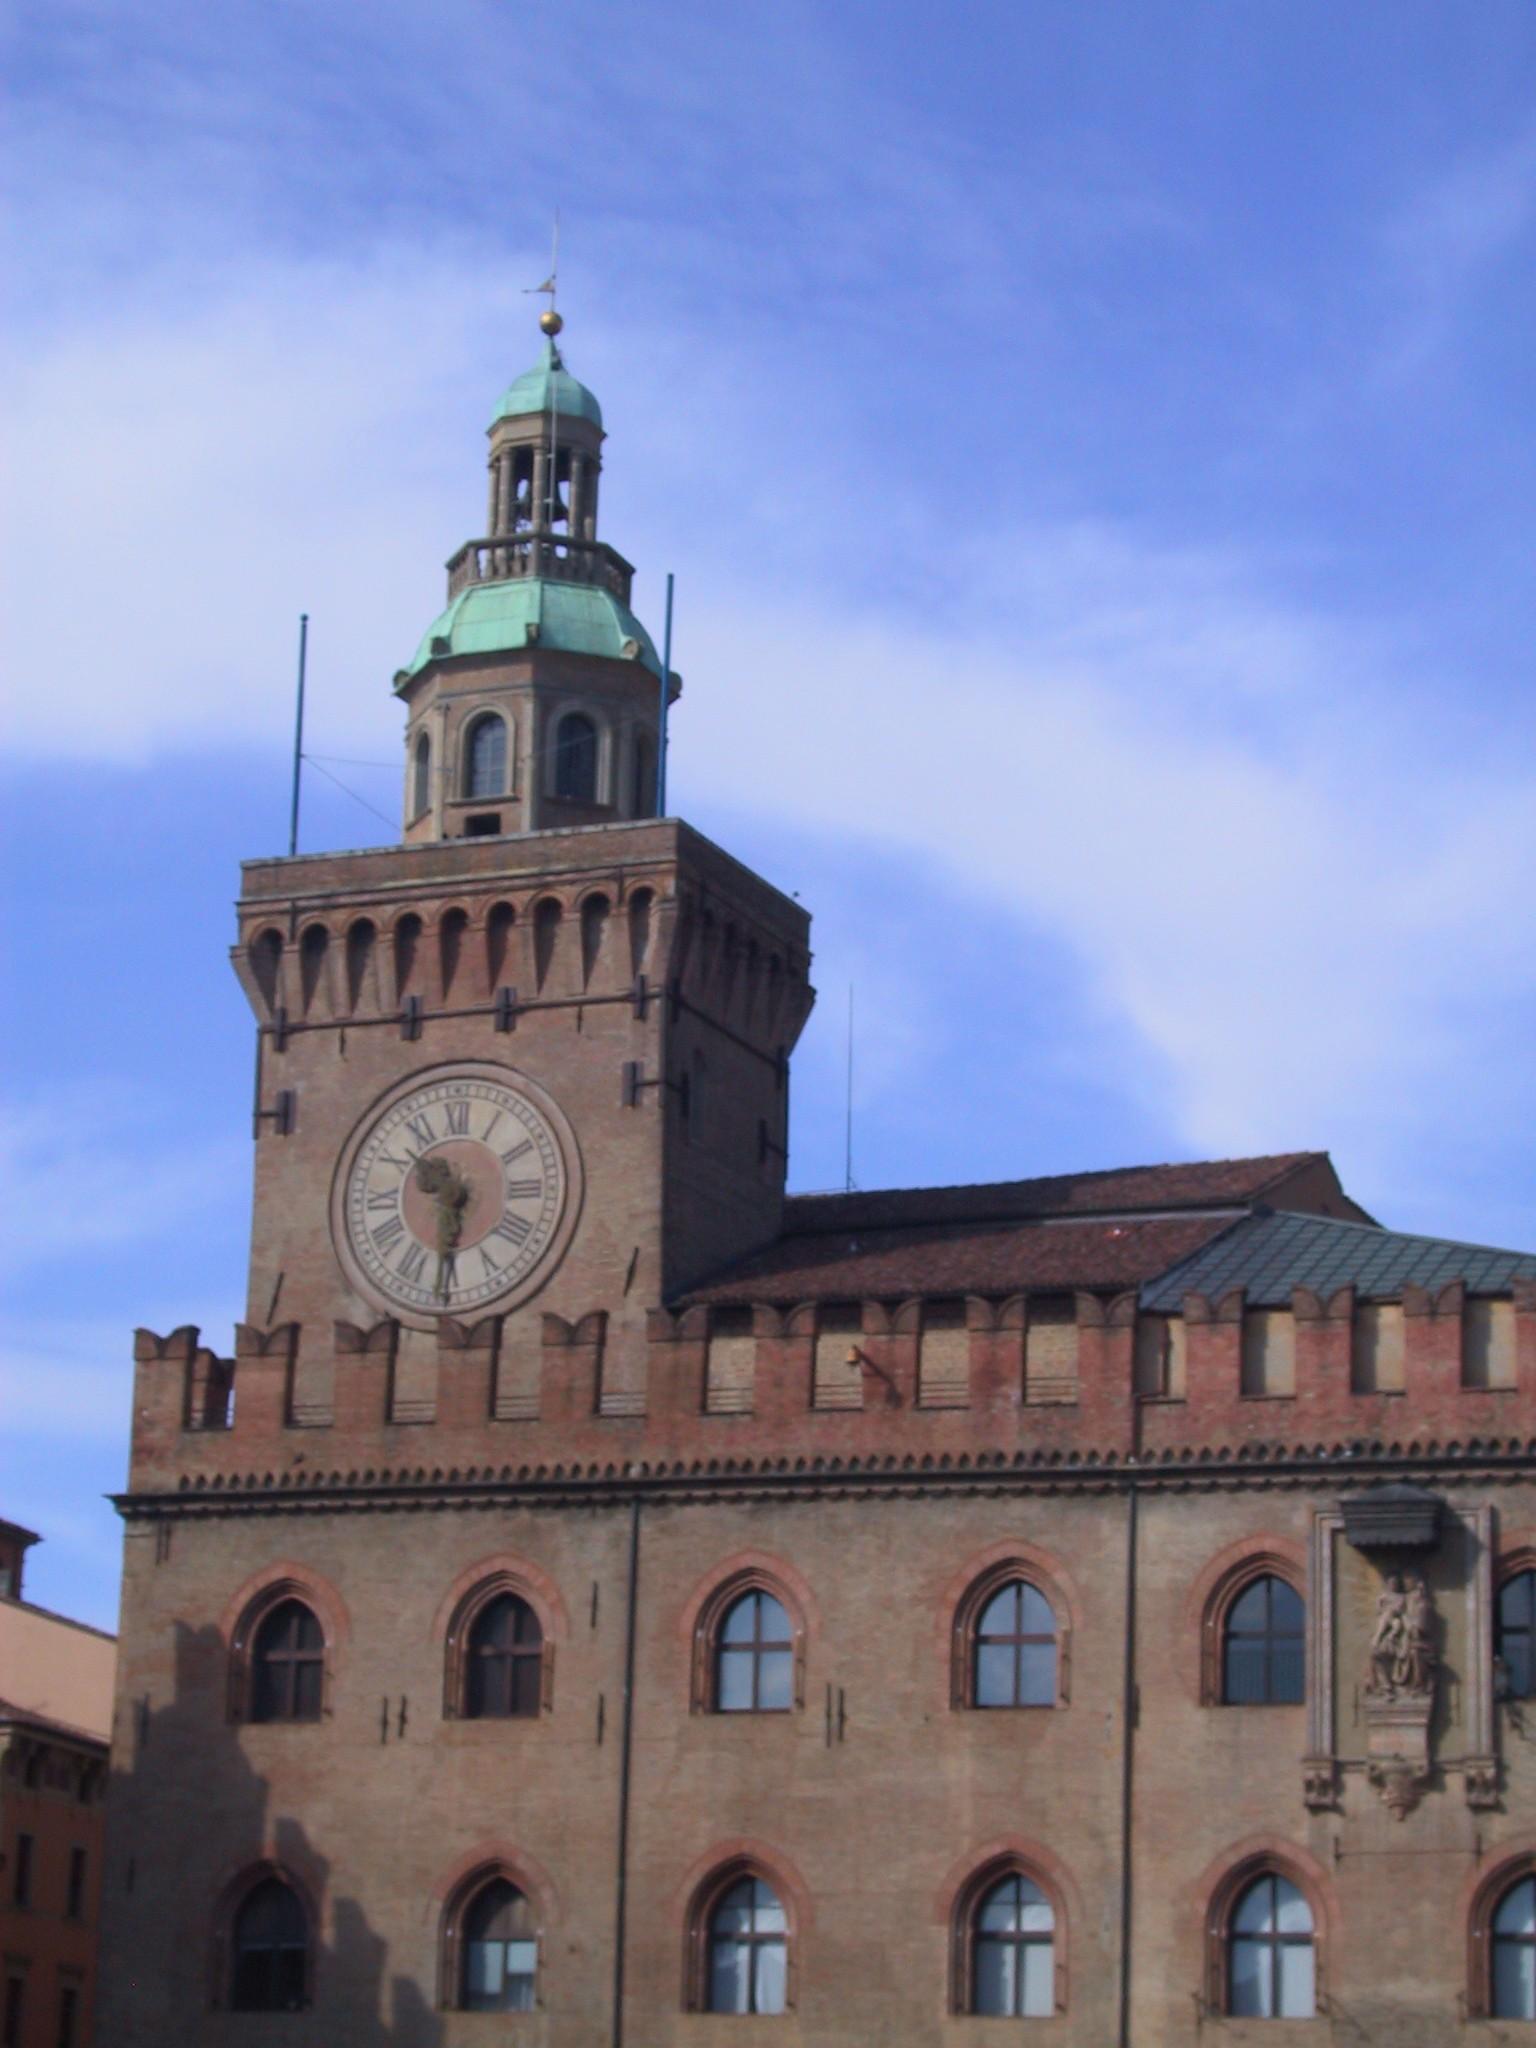 Palazzo Comunale (Palazzo d'Accursio), Bologna: All Year